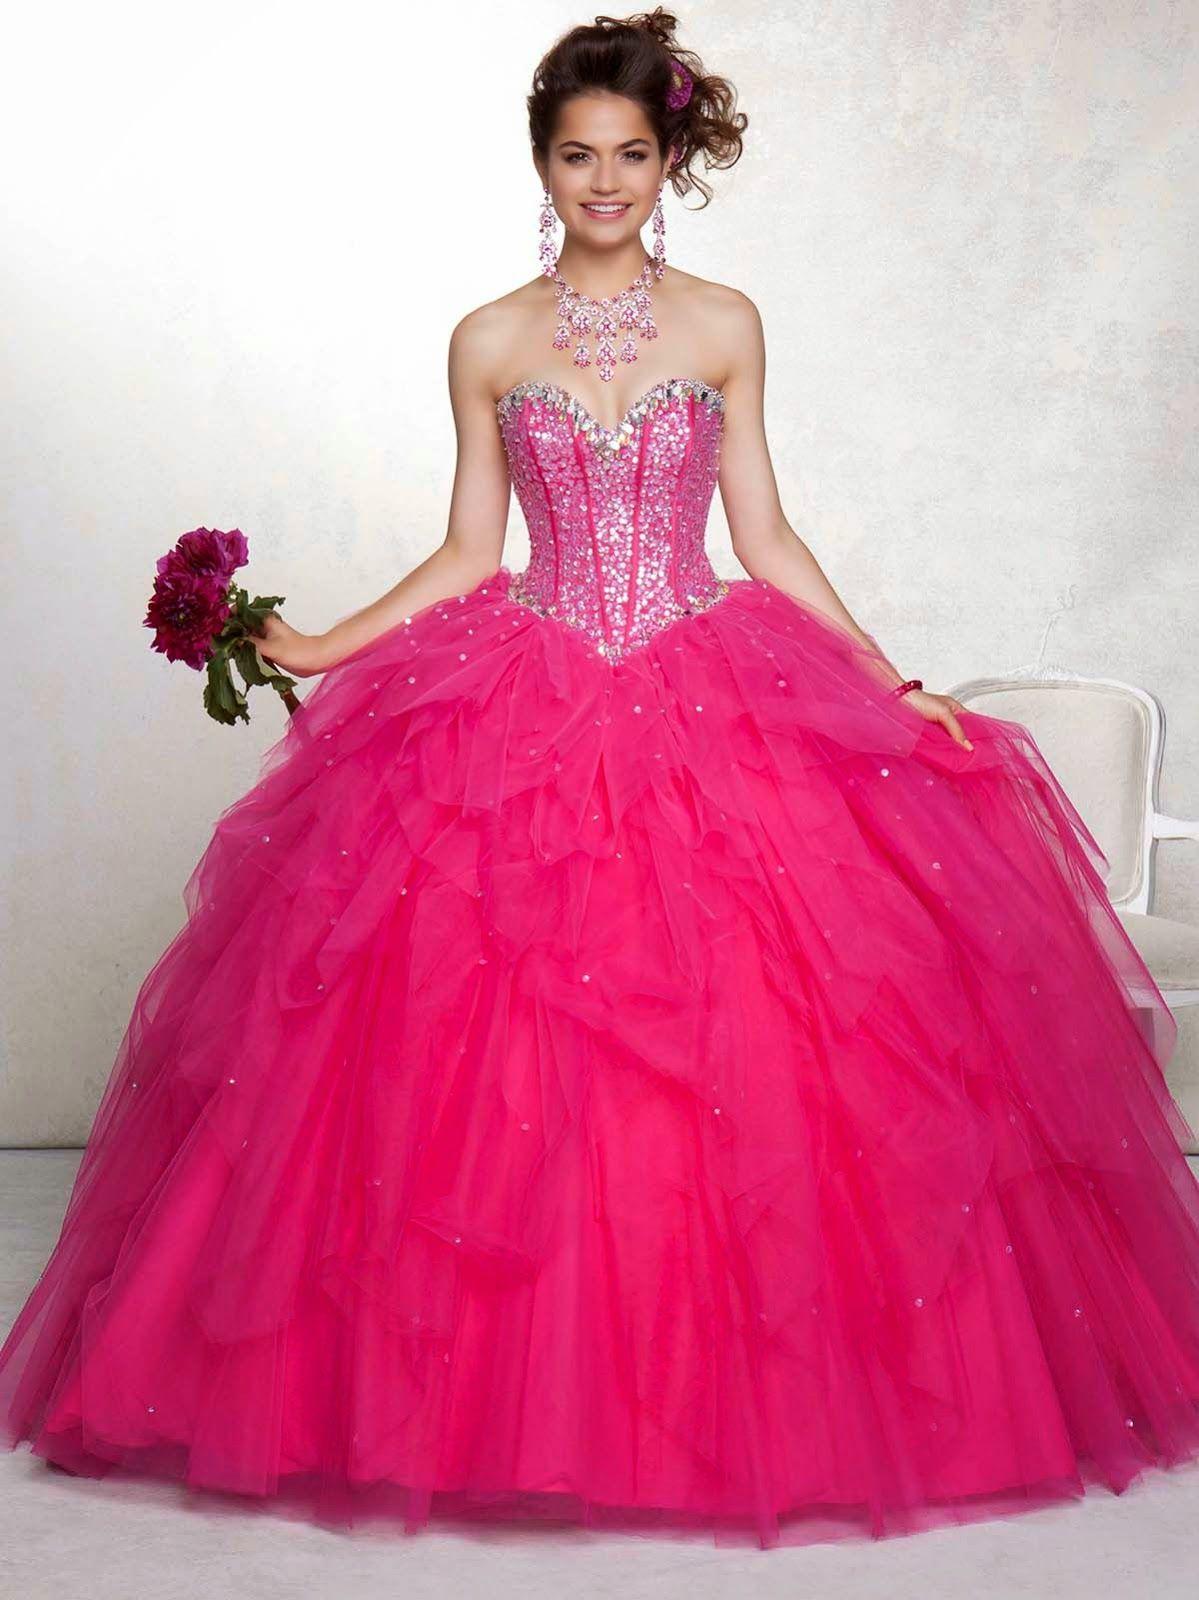 Bonitos vestidos de 15 años | Diseños exclusivos | Sweet 16 dress/15 ...